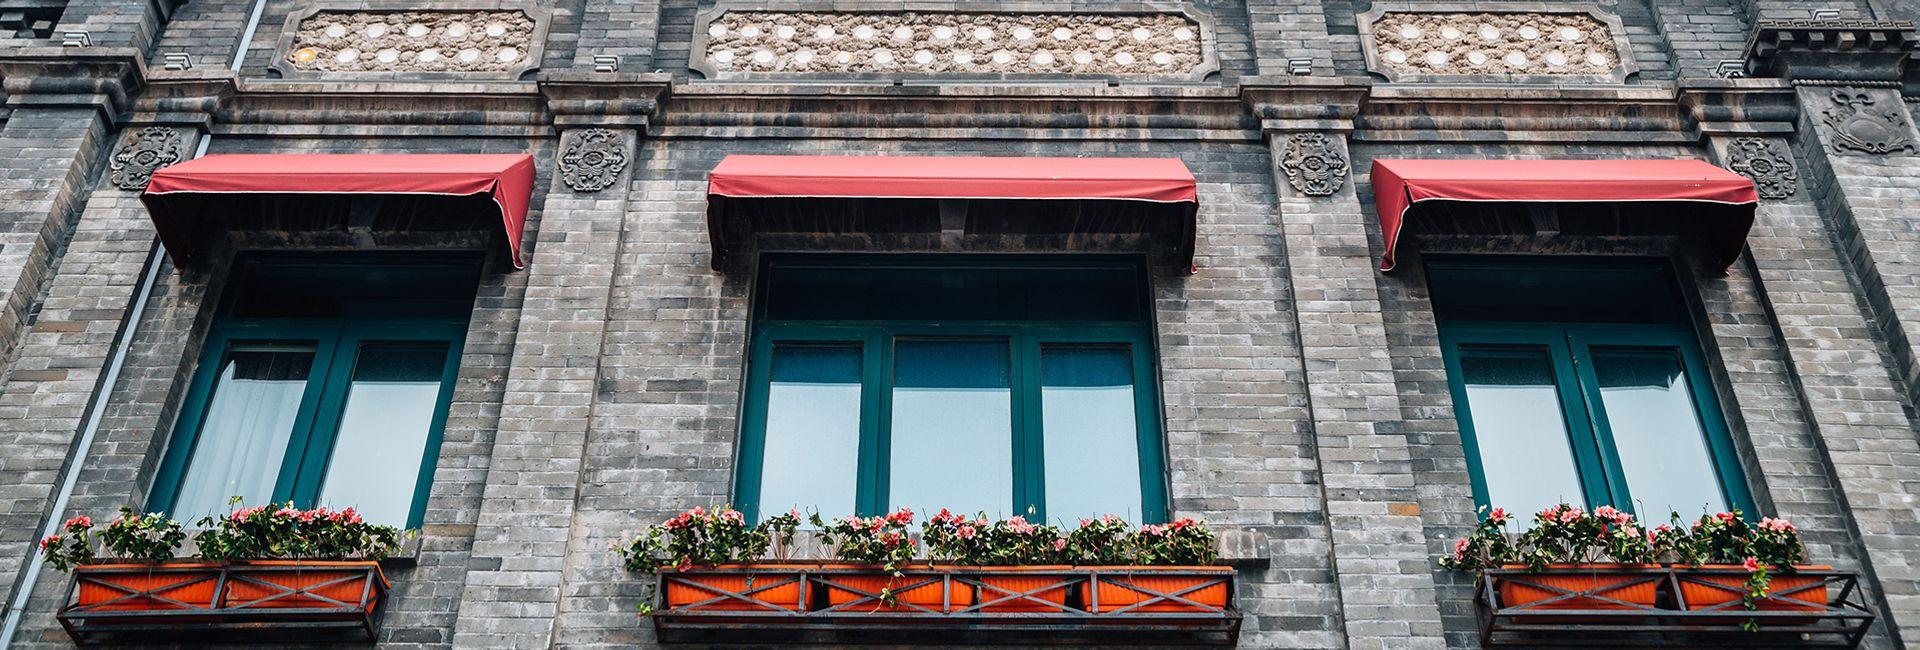 Khám phá phố văn hóa nổi tiếng Liulichang, Bắc Kinh